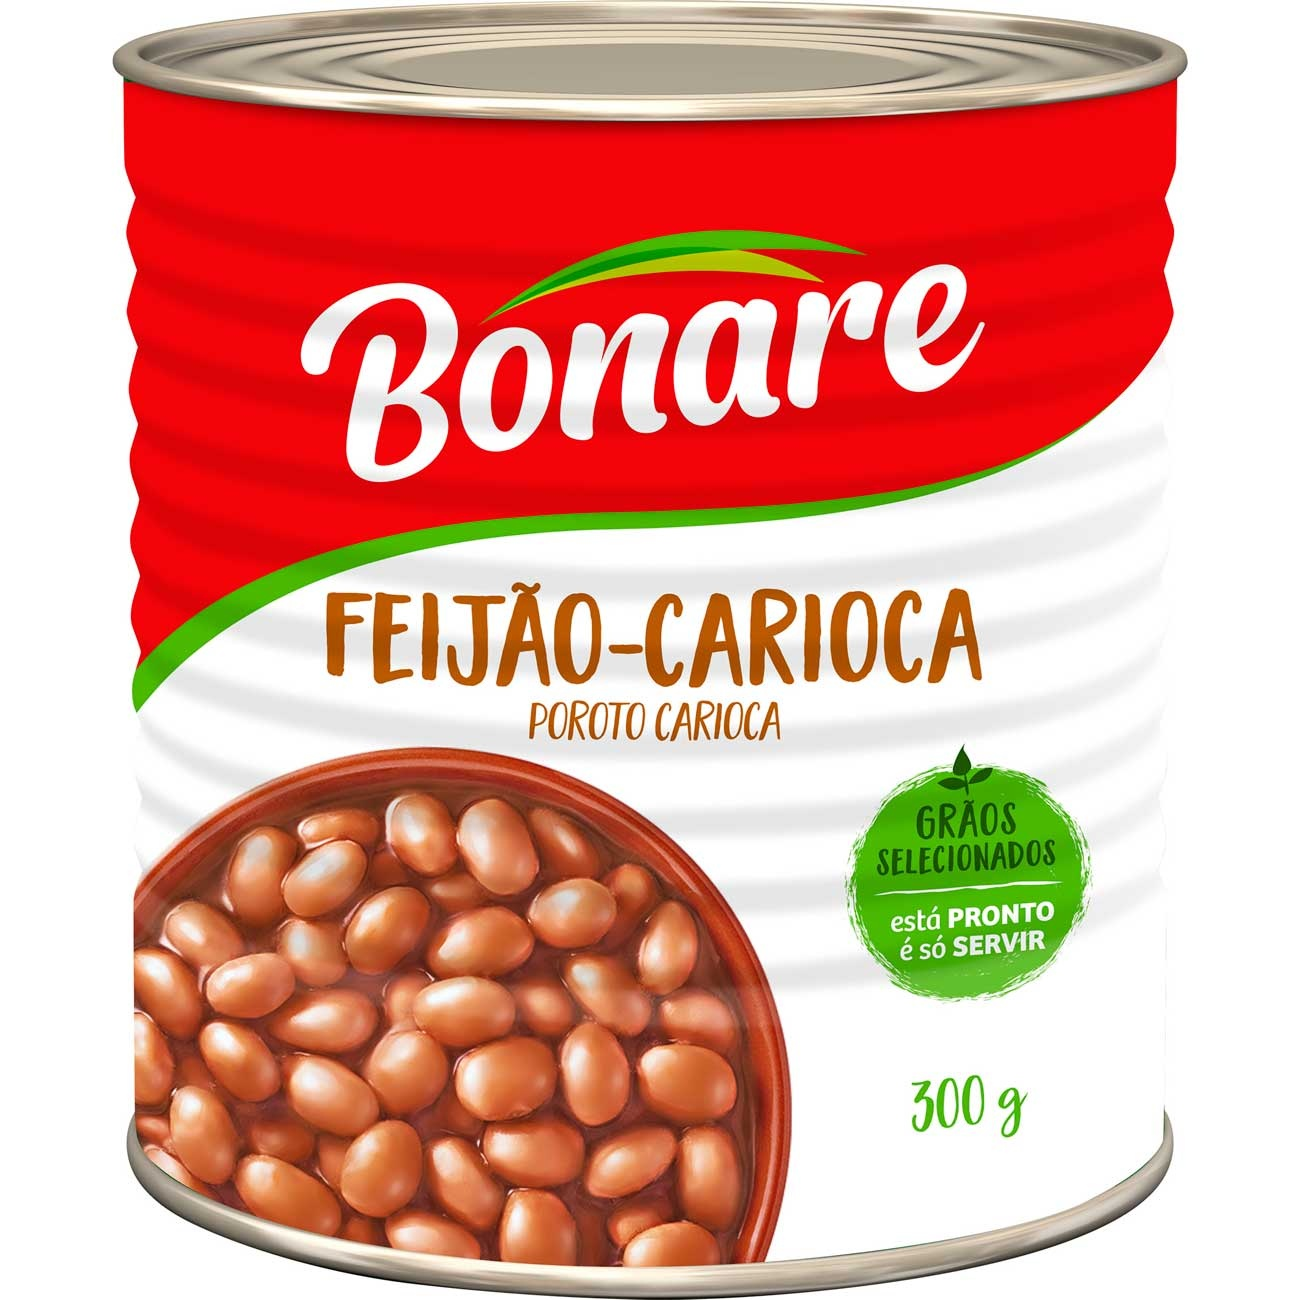 Feij�o Carioca Bonare Pronto Lata 300g | Caixa com 24 unidades